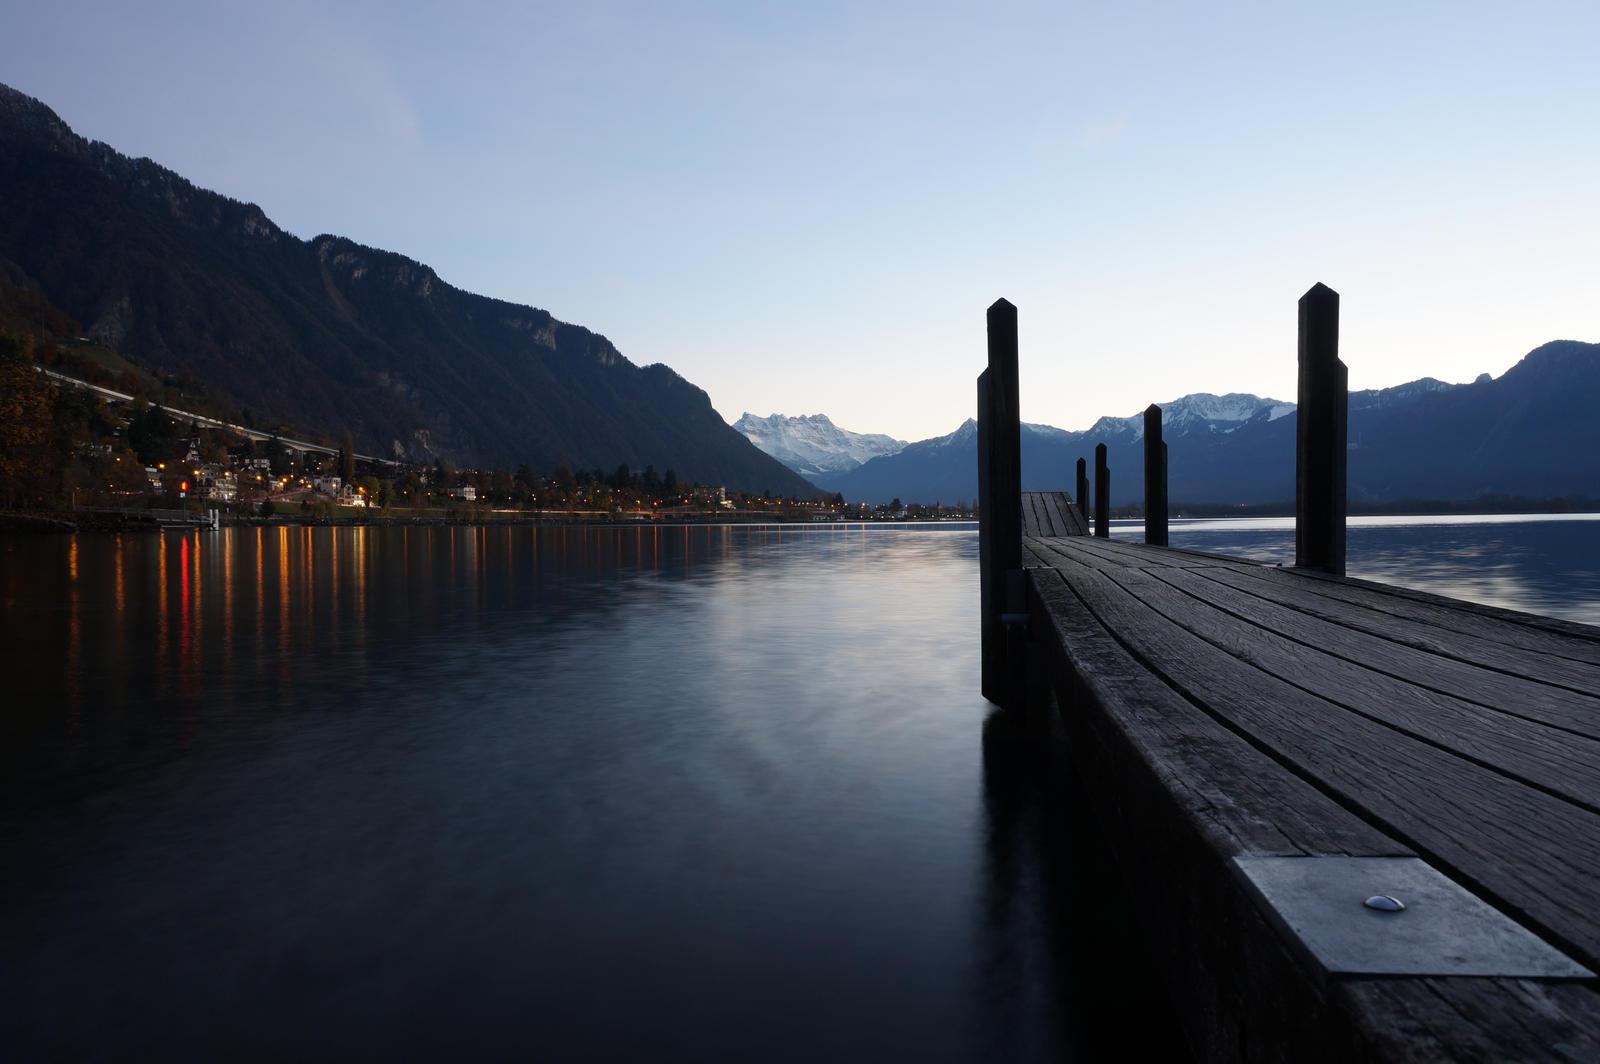 Anochecer en el lago Leman